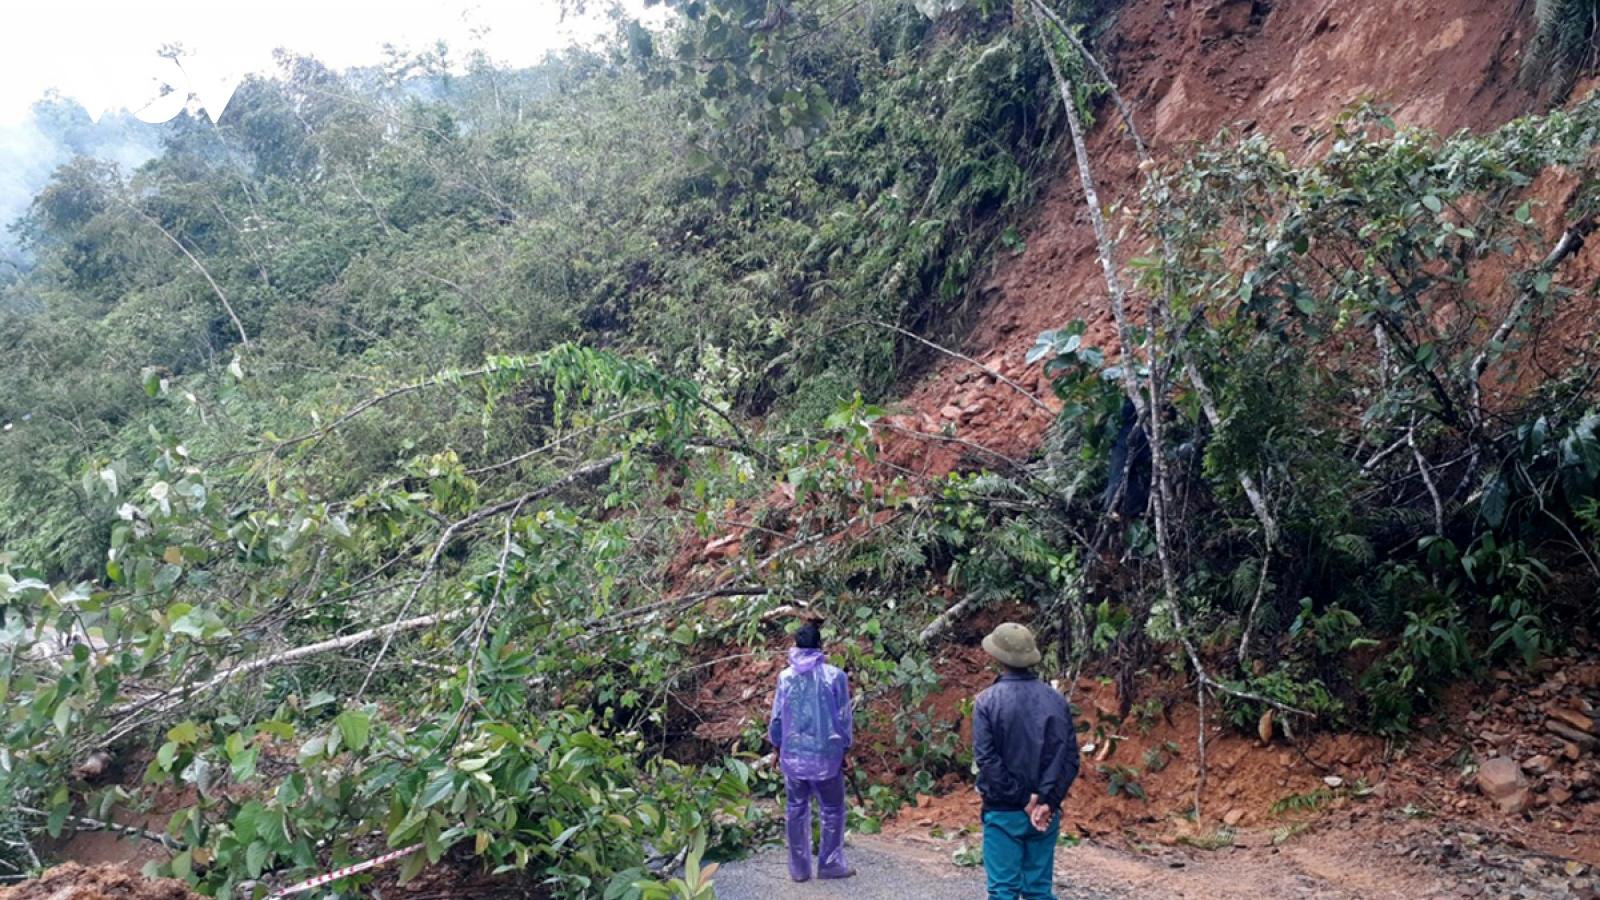 Mưa lớn ở Lai Châu làm sạt đường, chia cắt tạm thời 2 xã biên giới